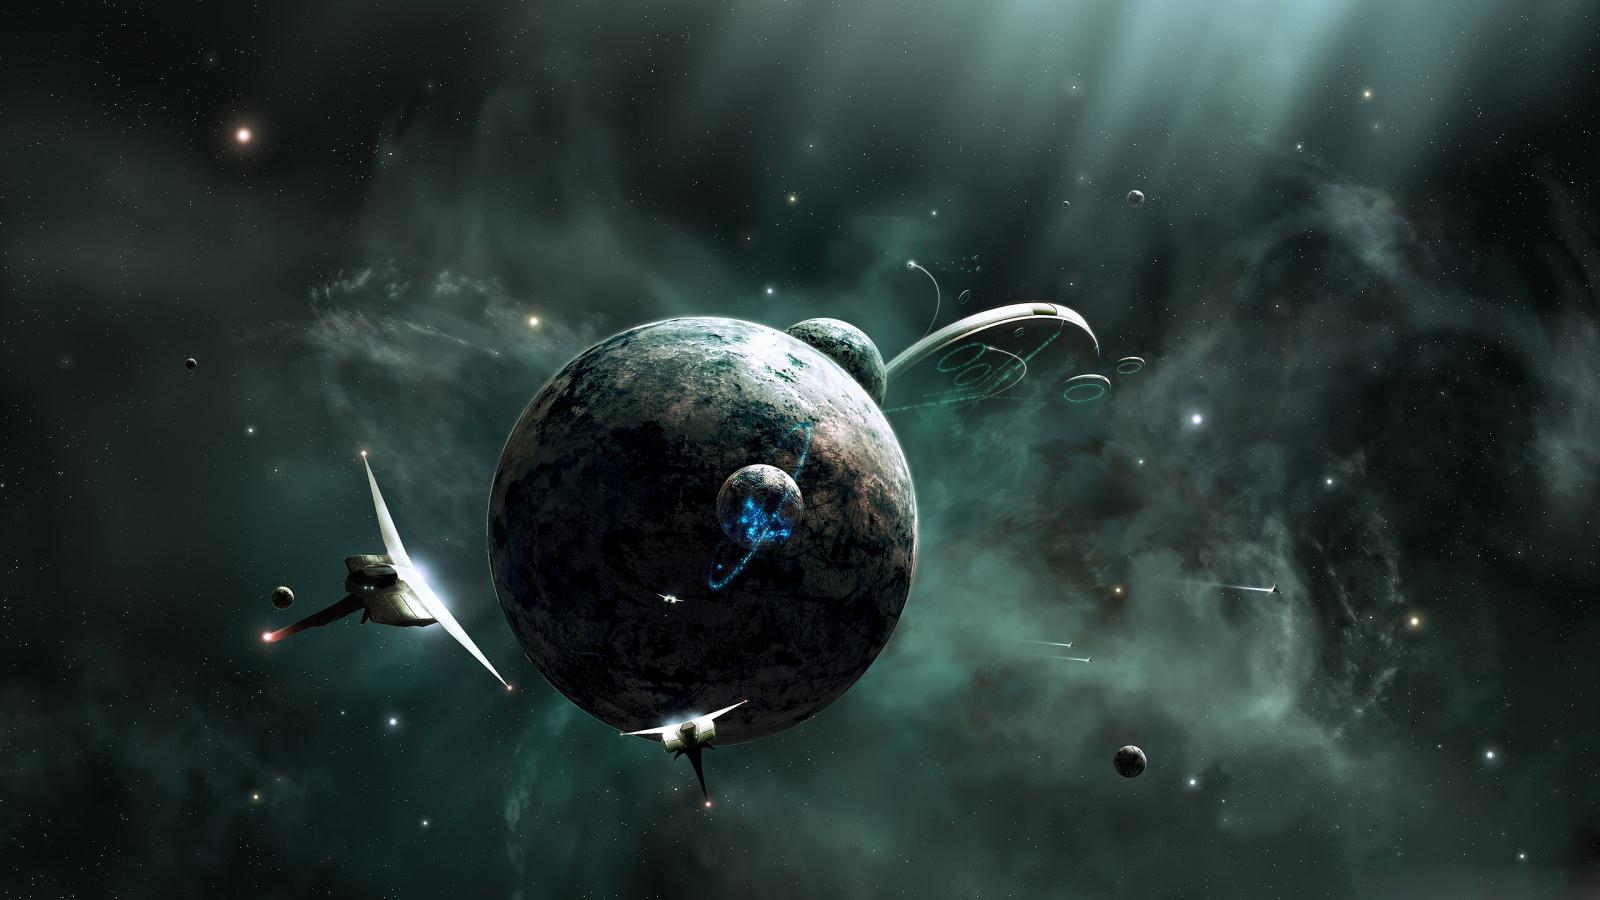 Space War Wallpaper #17127 Wallpaper | High Resolution Wallarthd.com